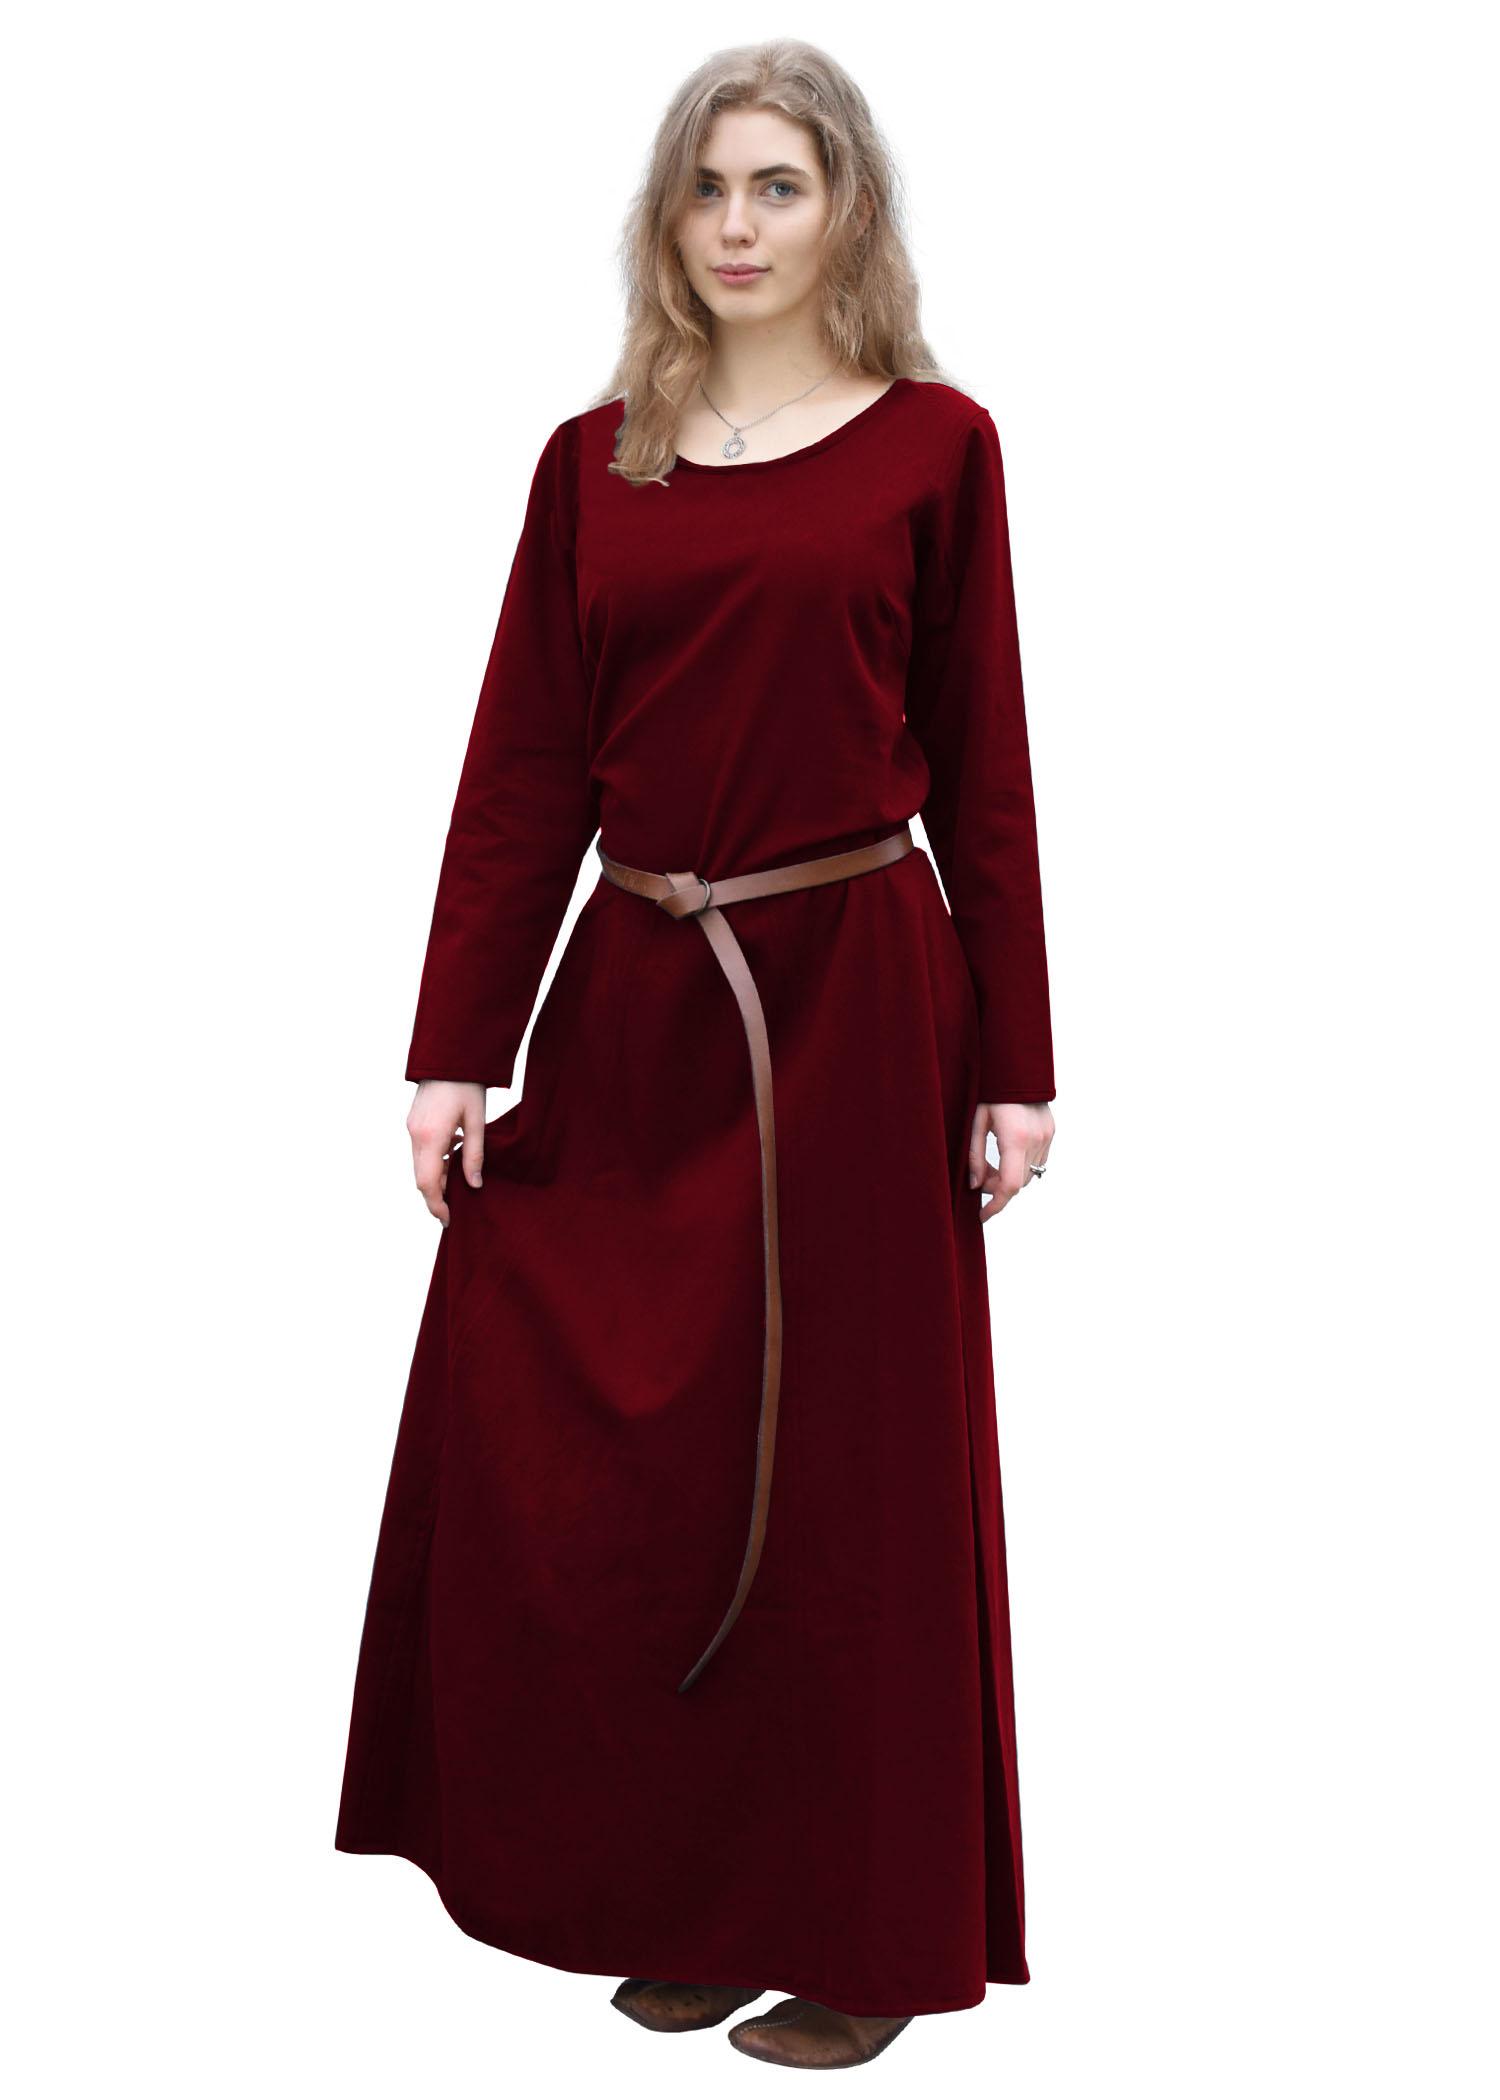 Keskiaikainen mekko Afra, viininpunainen, puuvillaa